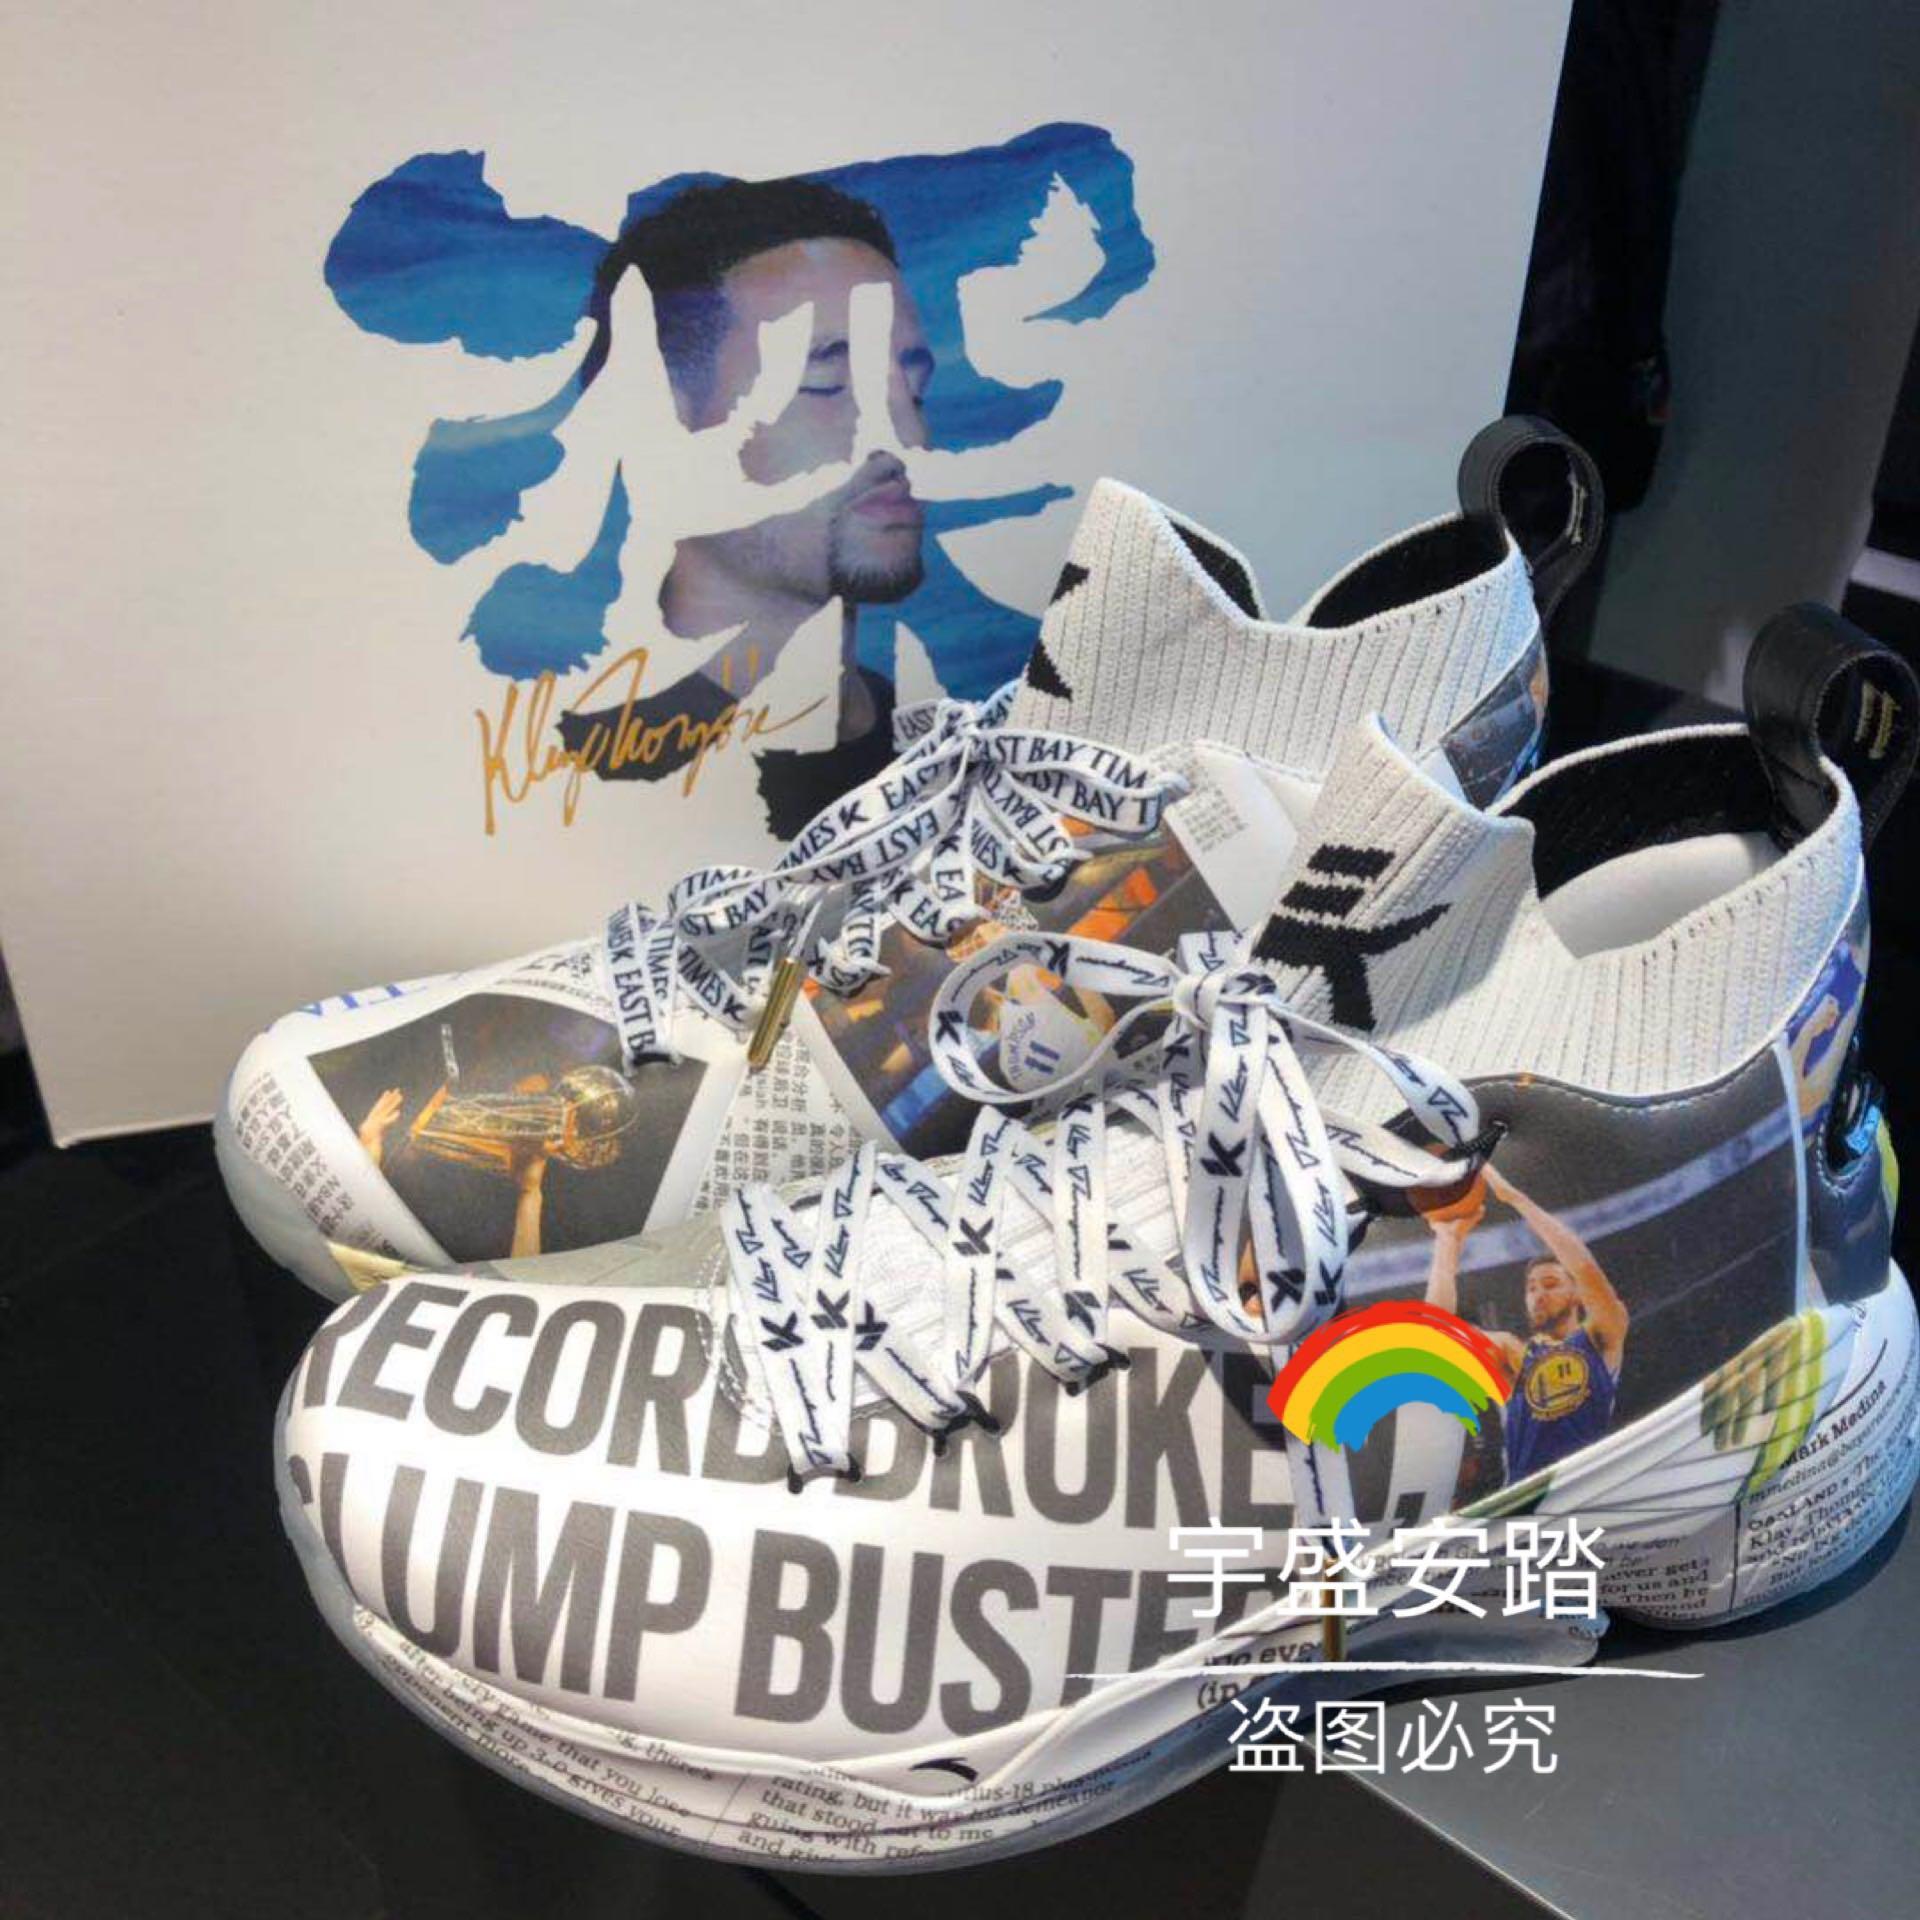 安踏男鞋kt4报纸 报答 east bay paper汤普森限量款全明星篮球鞋